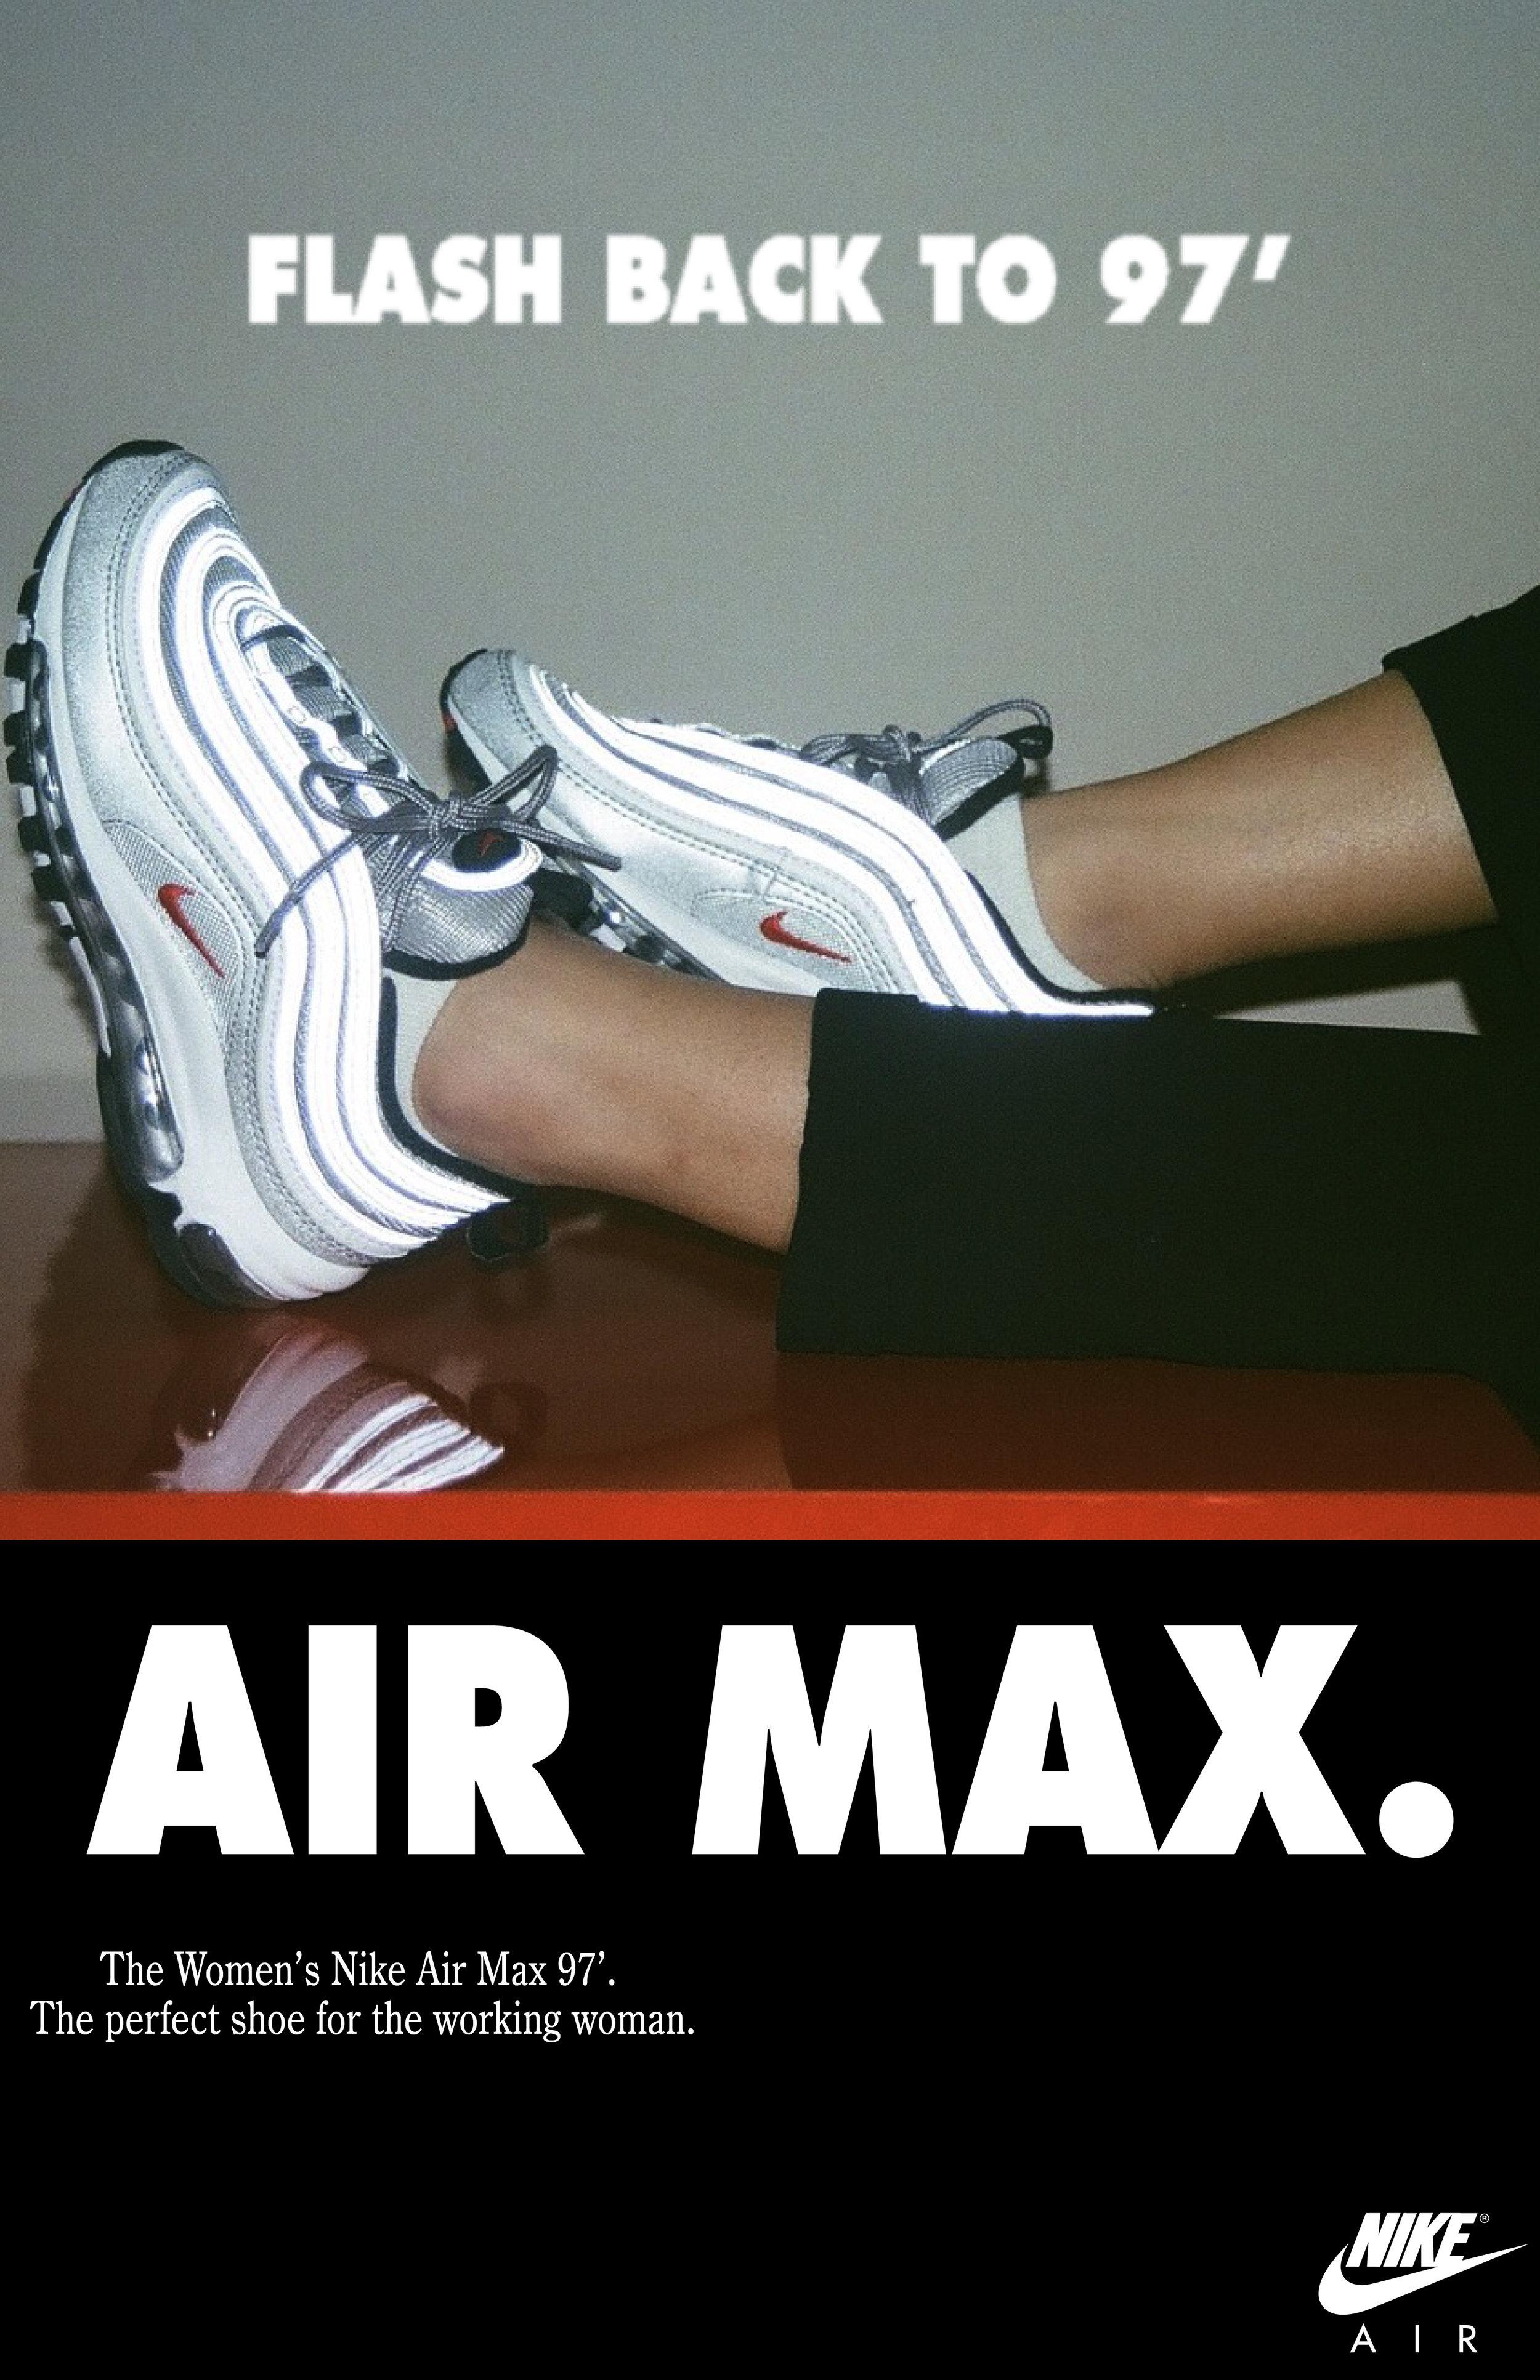 airmaxposter-01.jpg